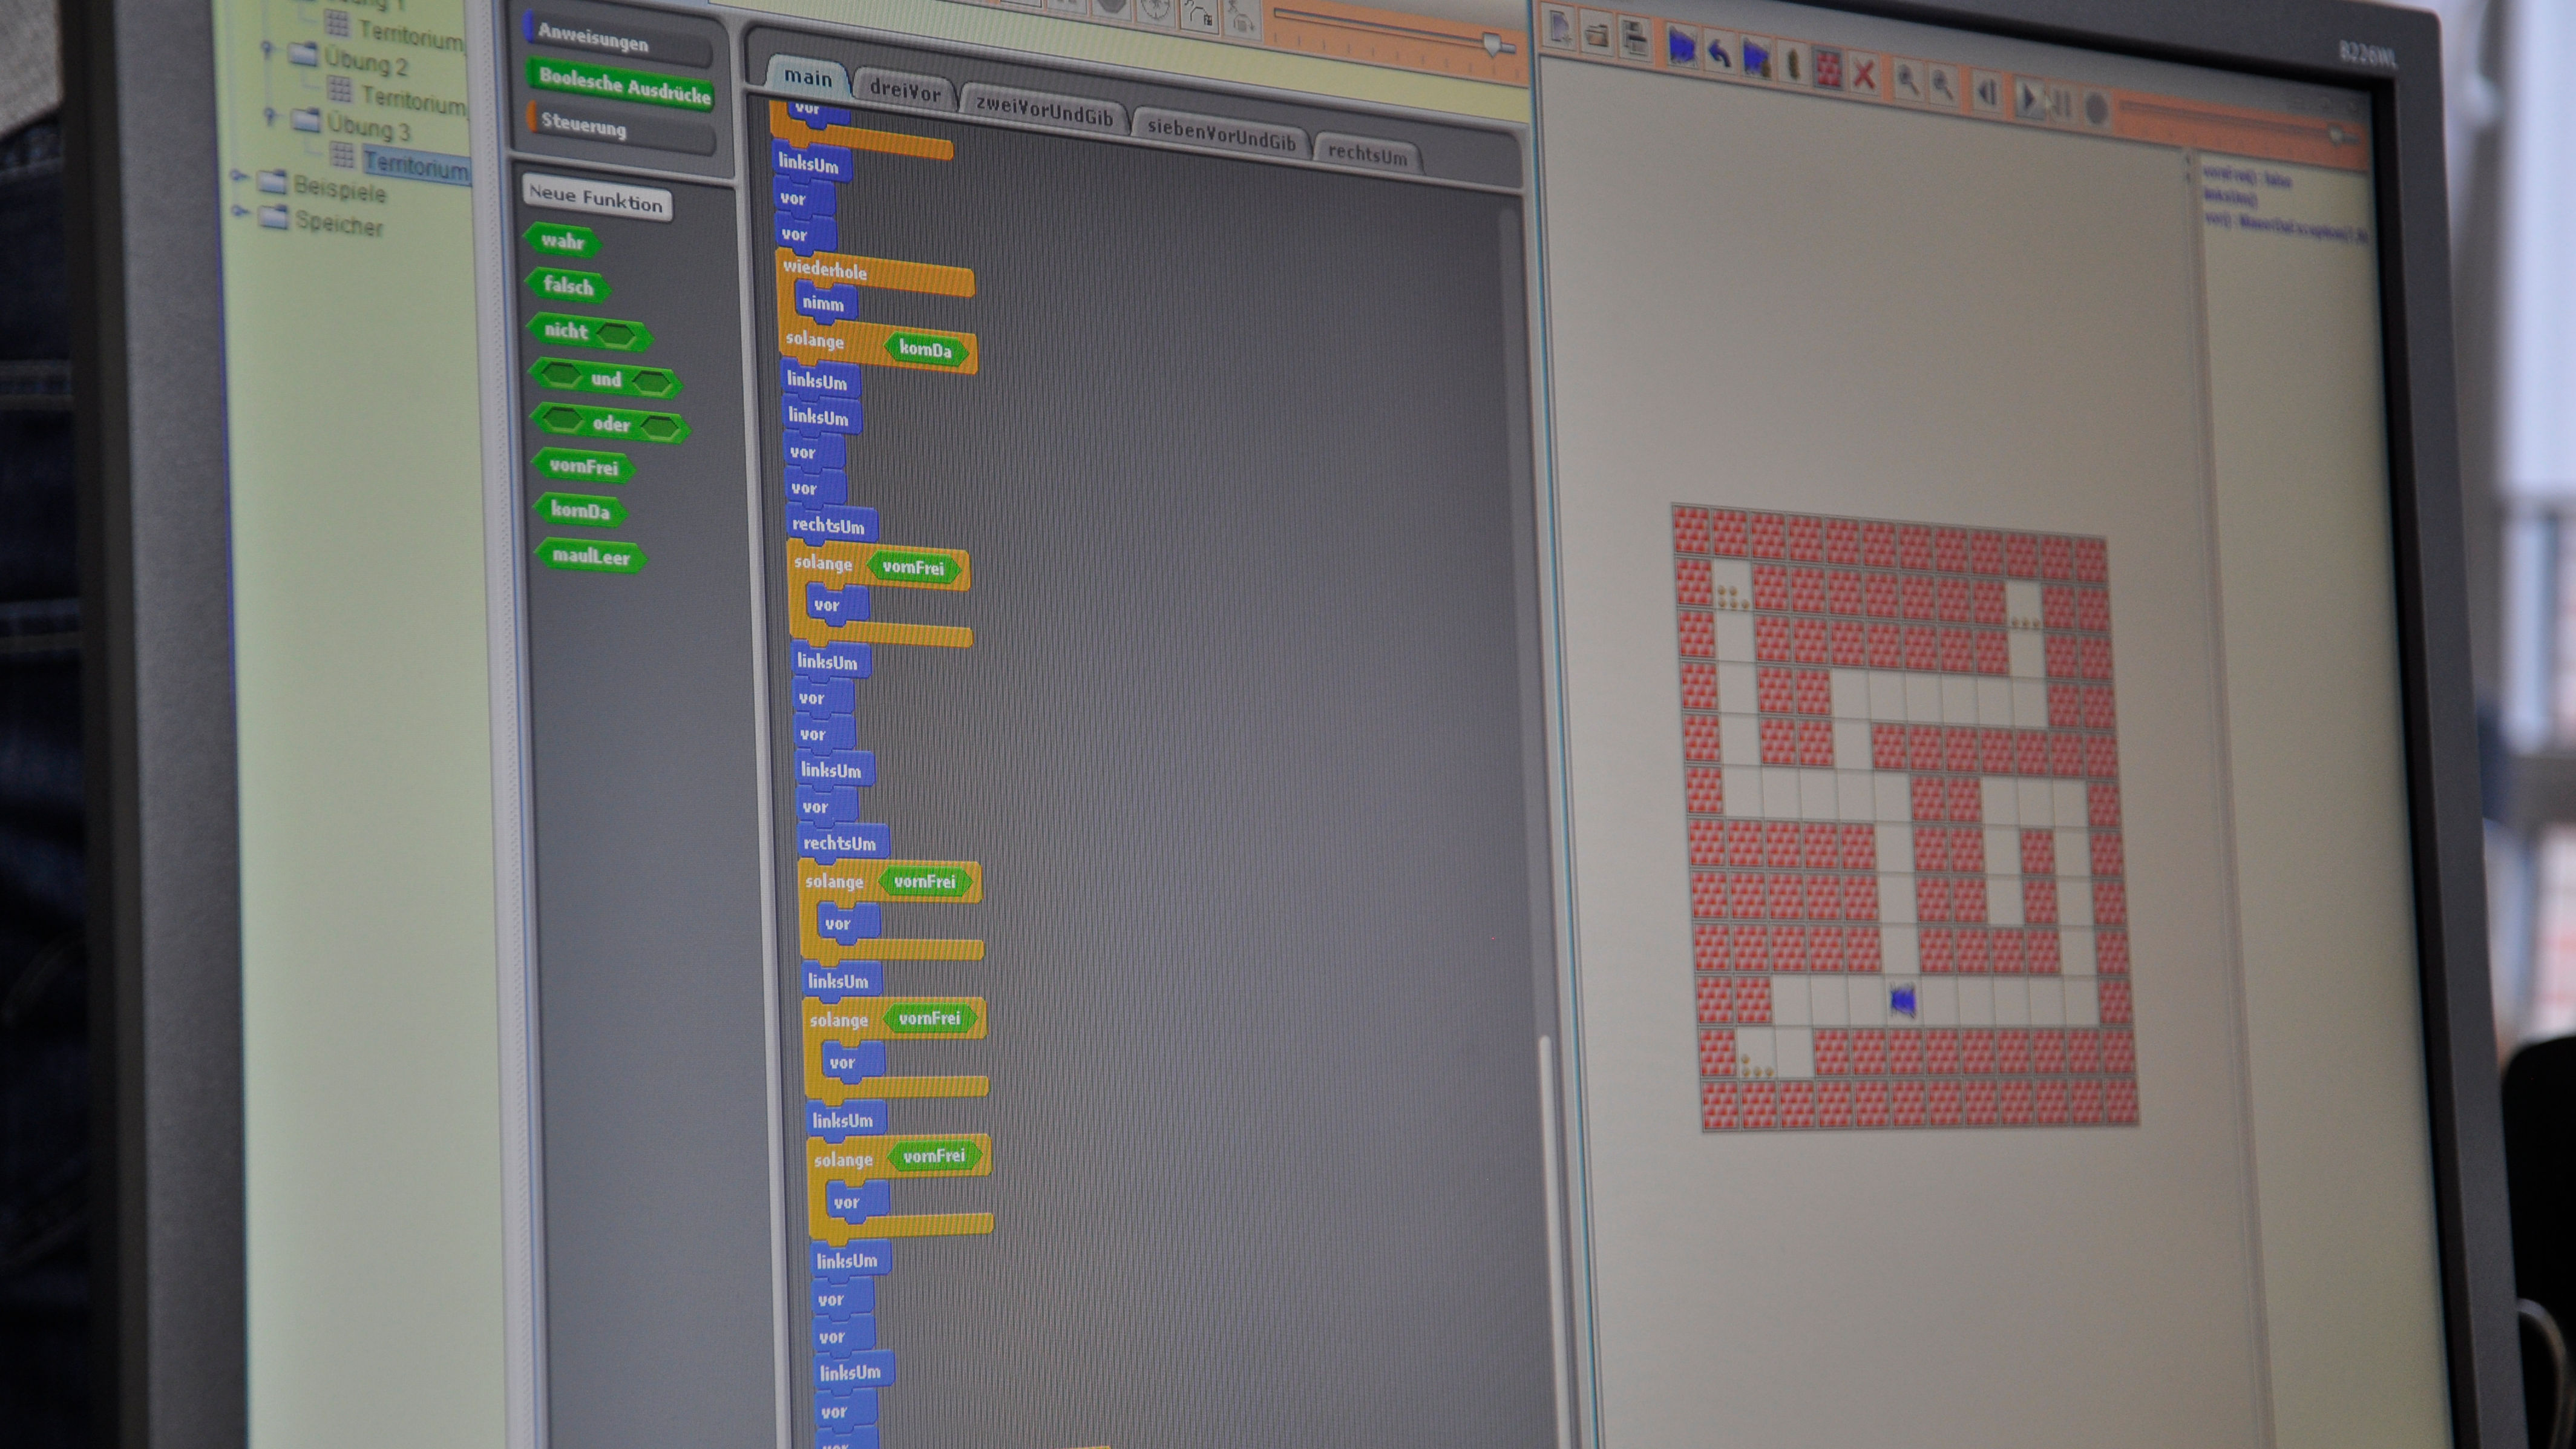 Das Bild zeigt das Hamstermodell, eine Möglichkeit, spielerisch die Programmiersprache JAVA zu lernen.